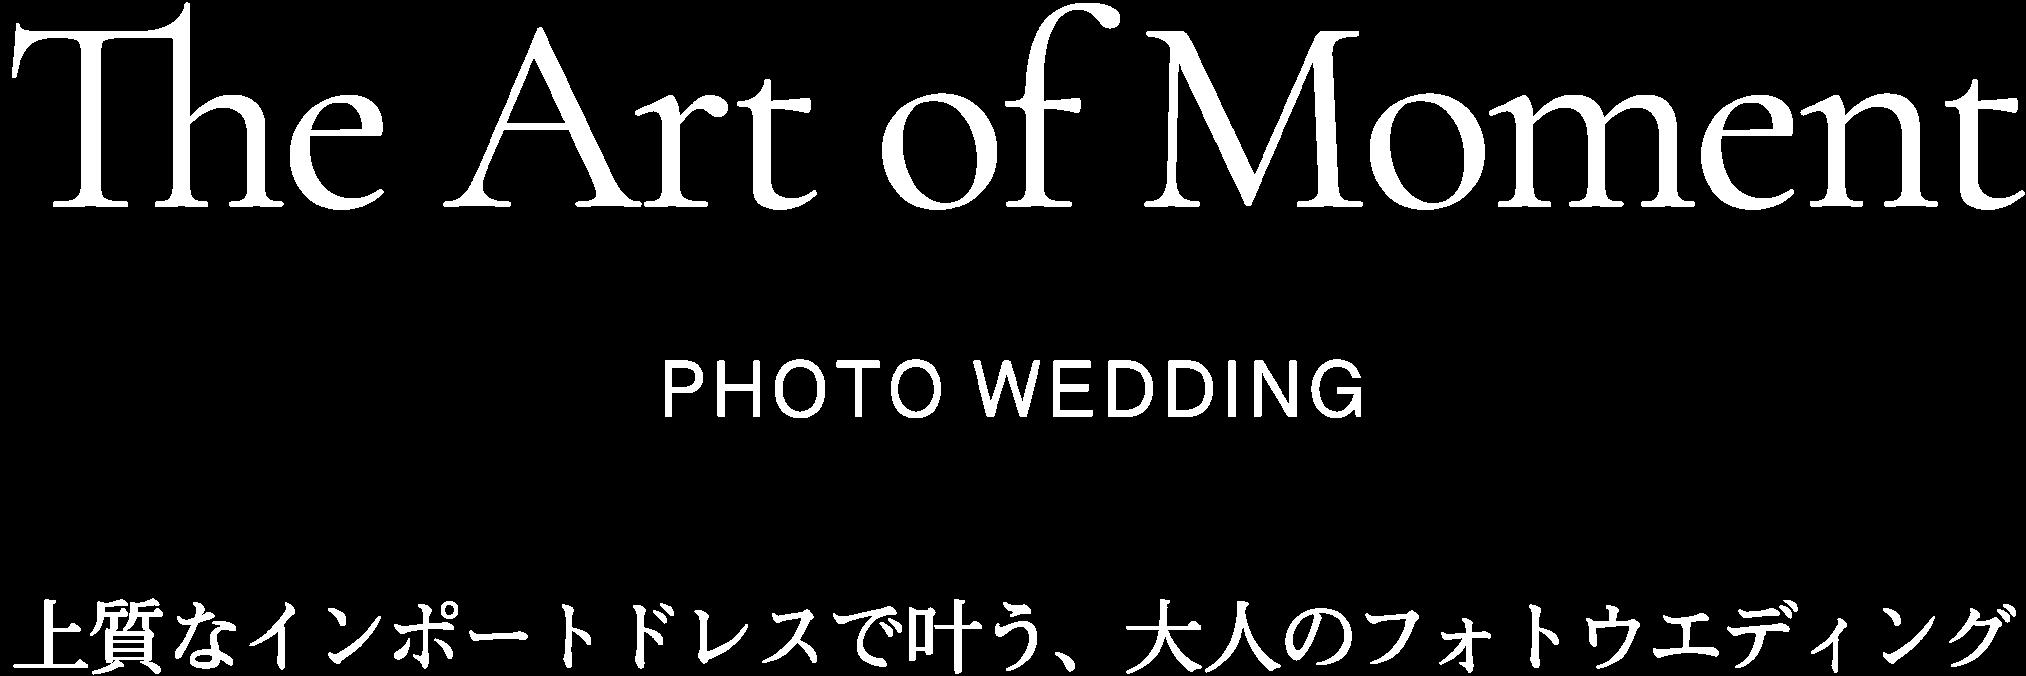 The Art of Moment PHOTO WEDDING 上質なインポートドレスで叶う、大人のフォトウエディング